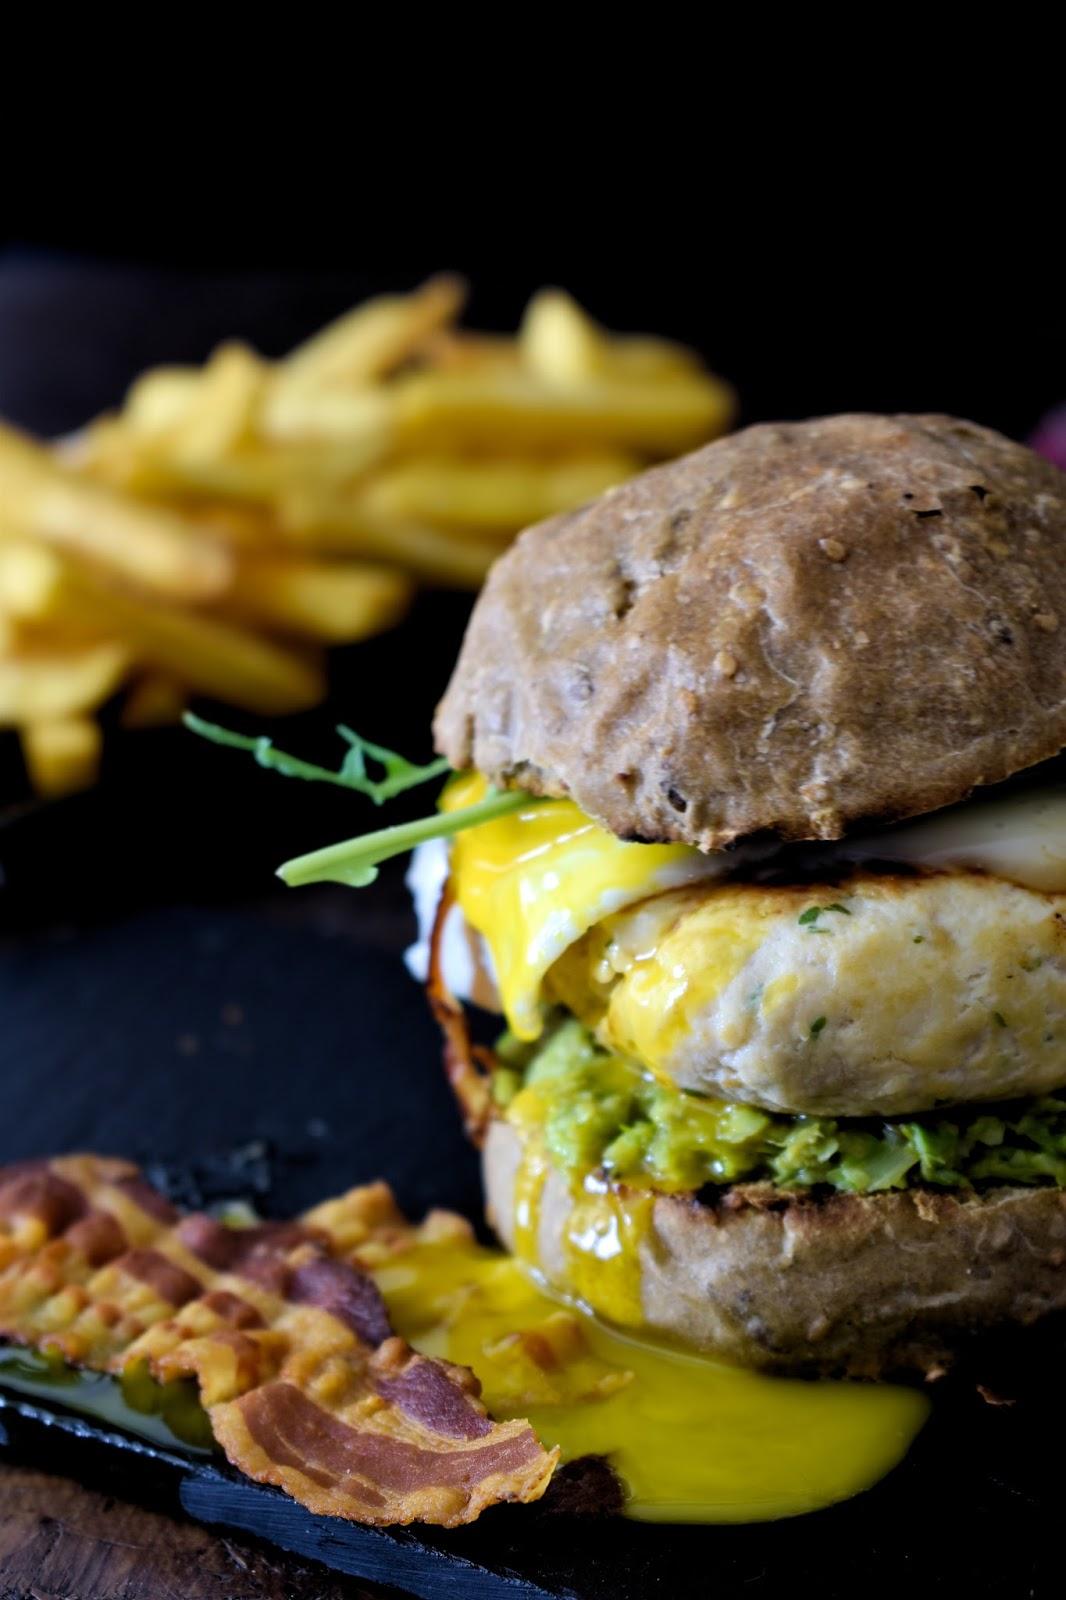 Burger di pollo con uovo fritto, pesto di asparagi, bacon, rucola e maionese al balsamico